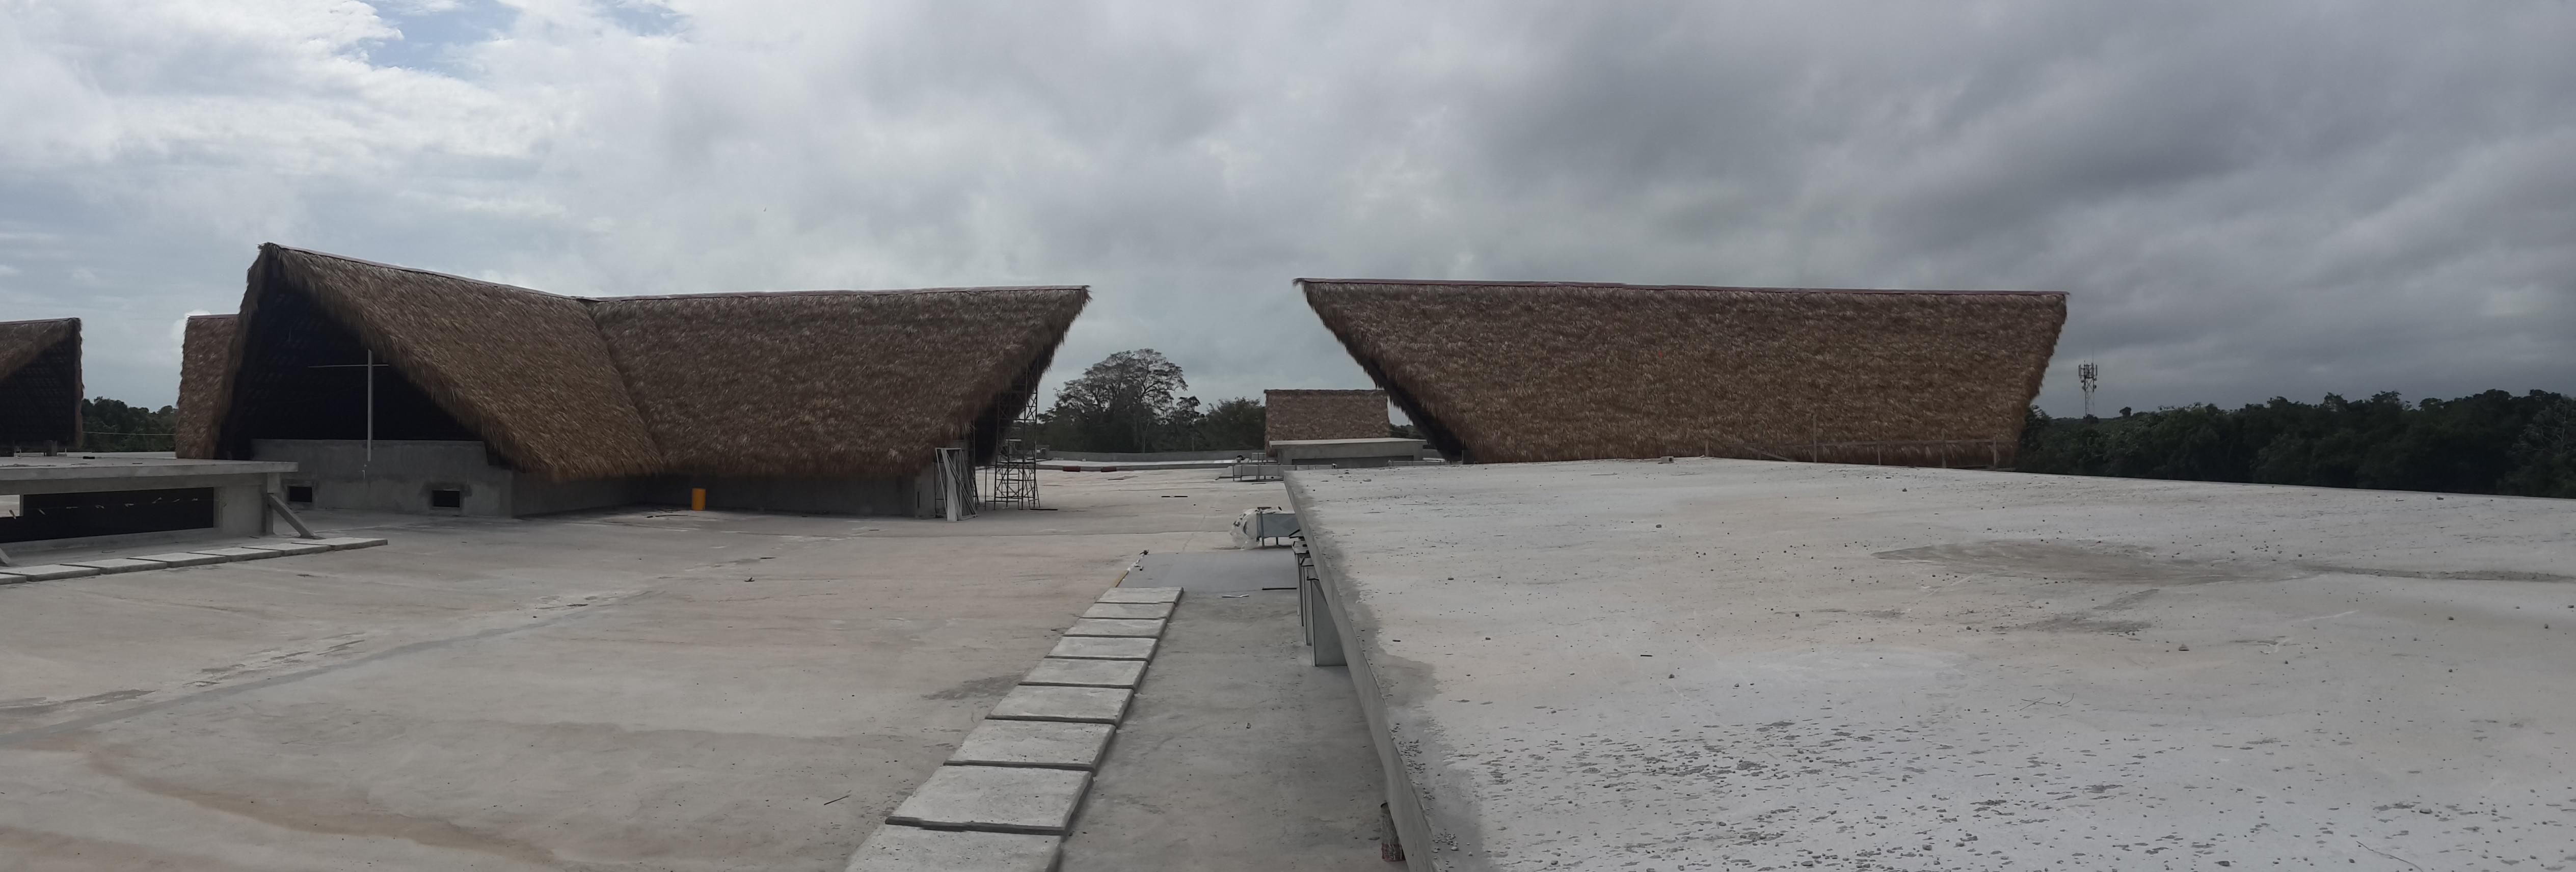 Estructuras metalicas cubiertas de cana para los techos de Blue Mall Punta Cana